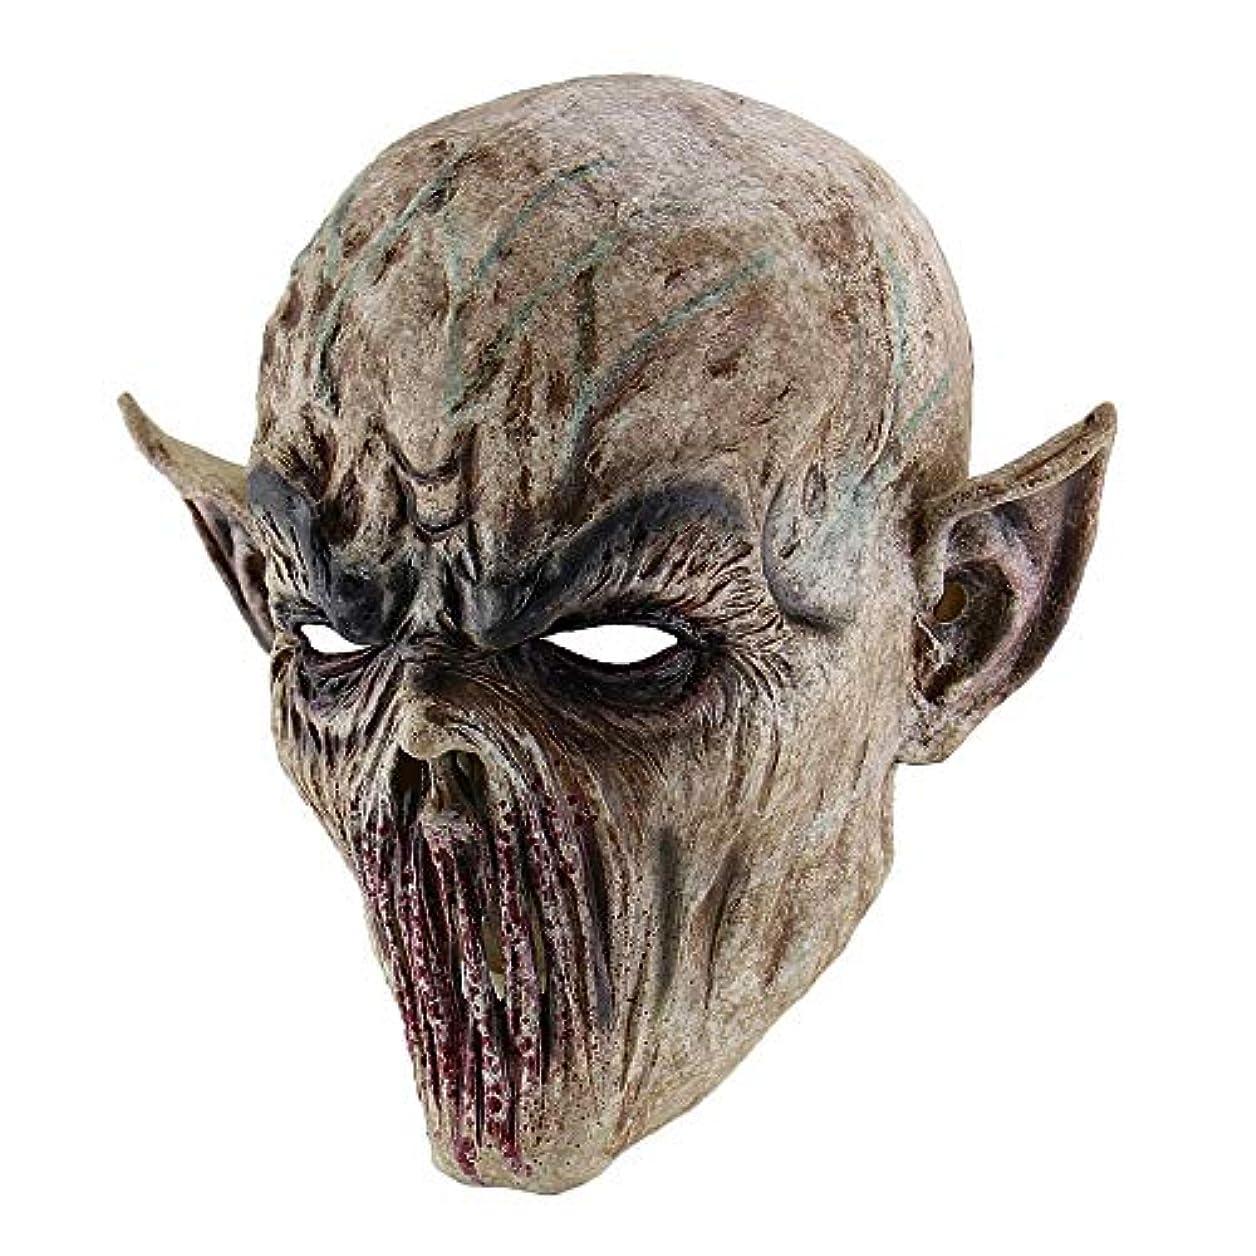 王室太い例不気味な怖いハロウィーン不気味なラテックスマスク、大人のパーティーコスプレ衣装、仮装衣装,Zombie